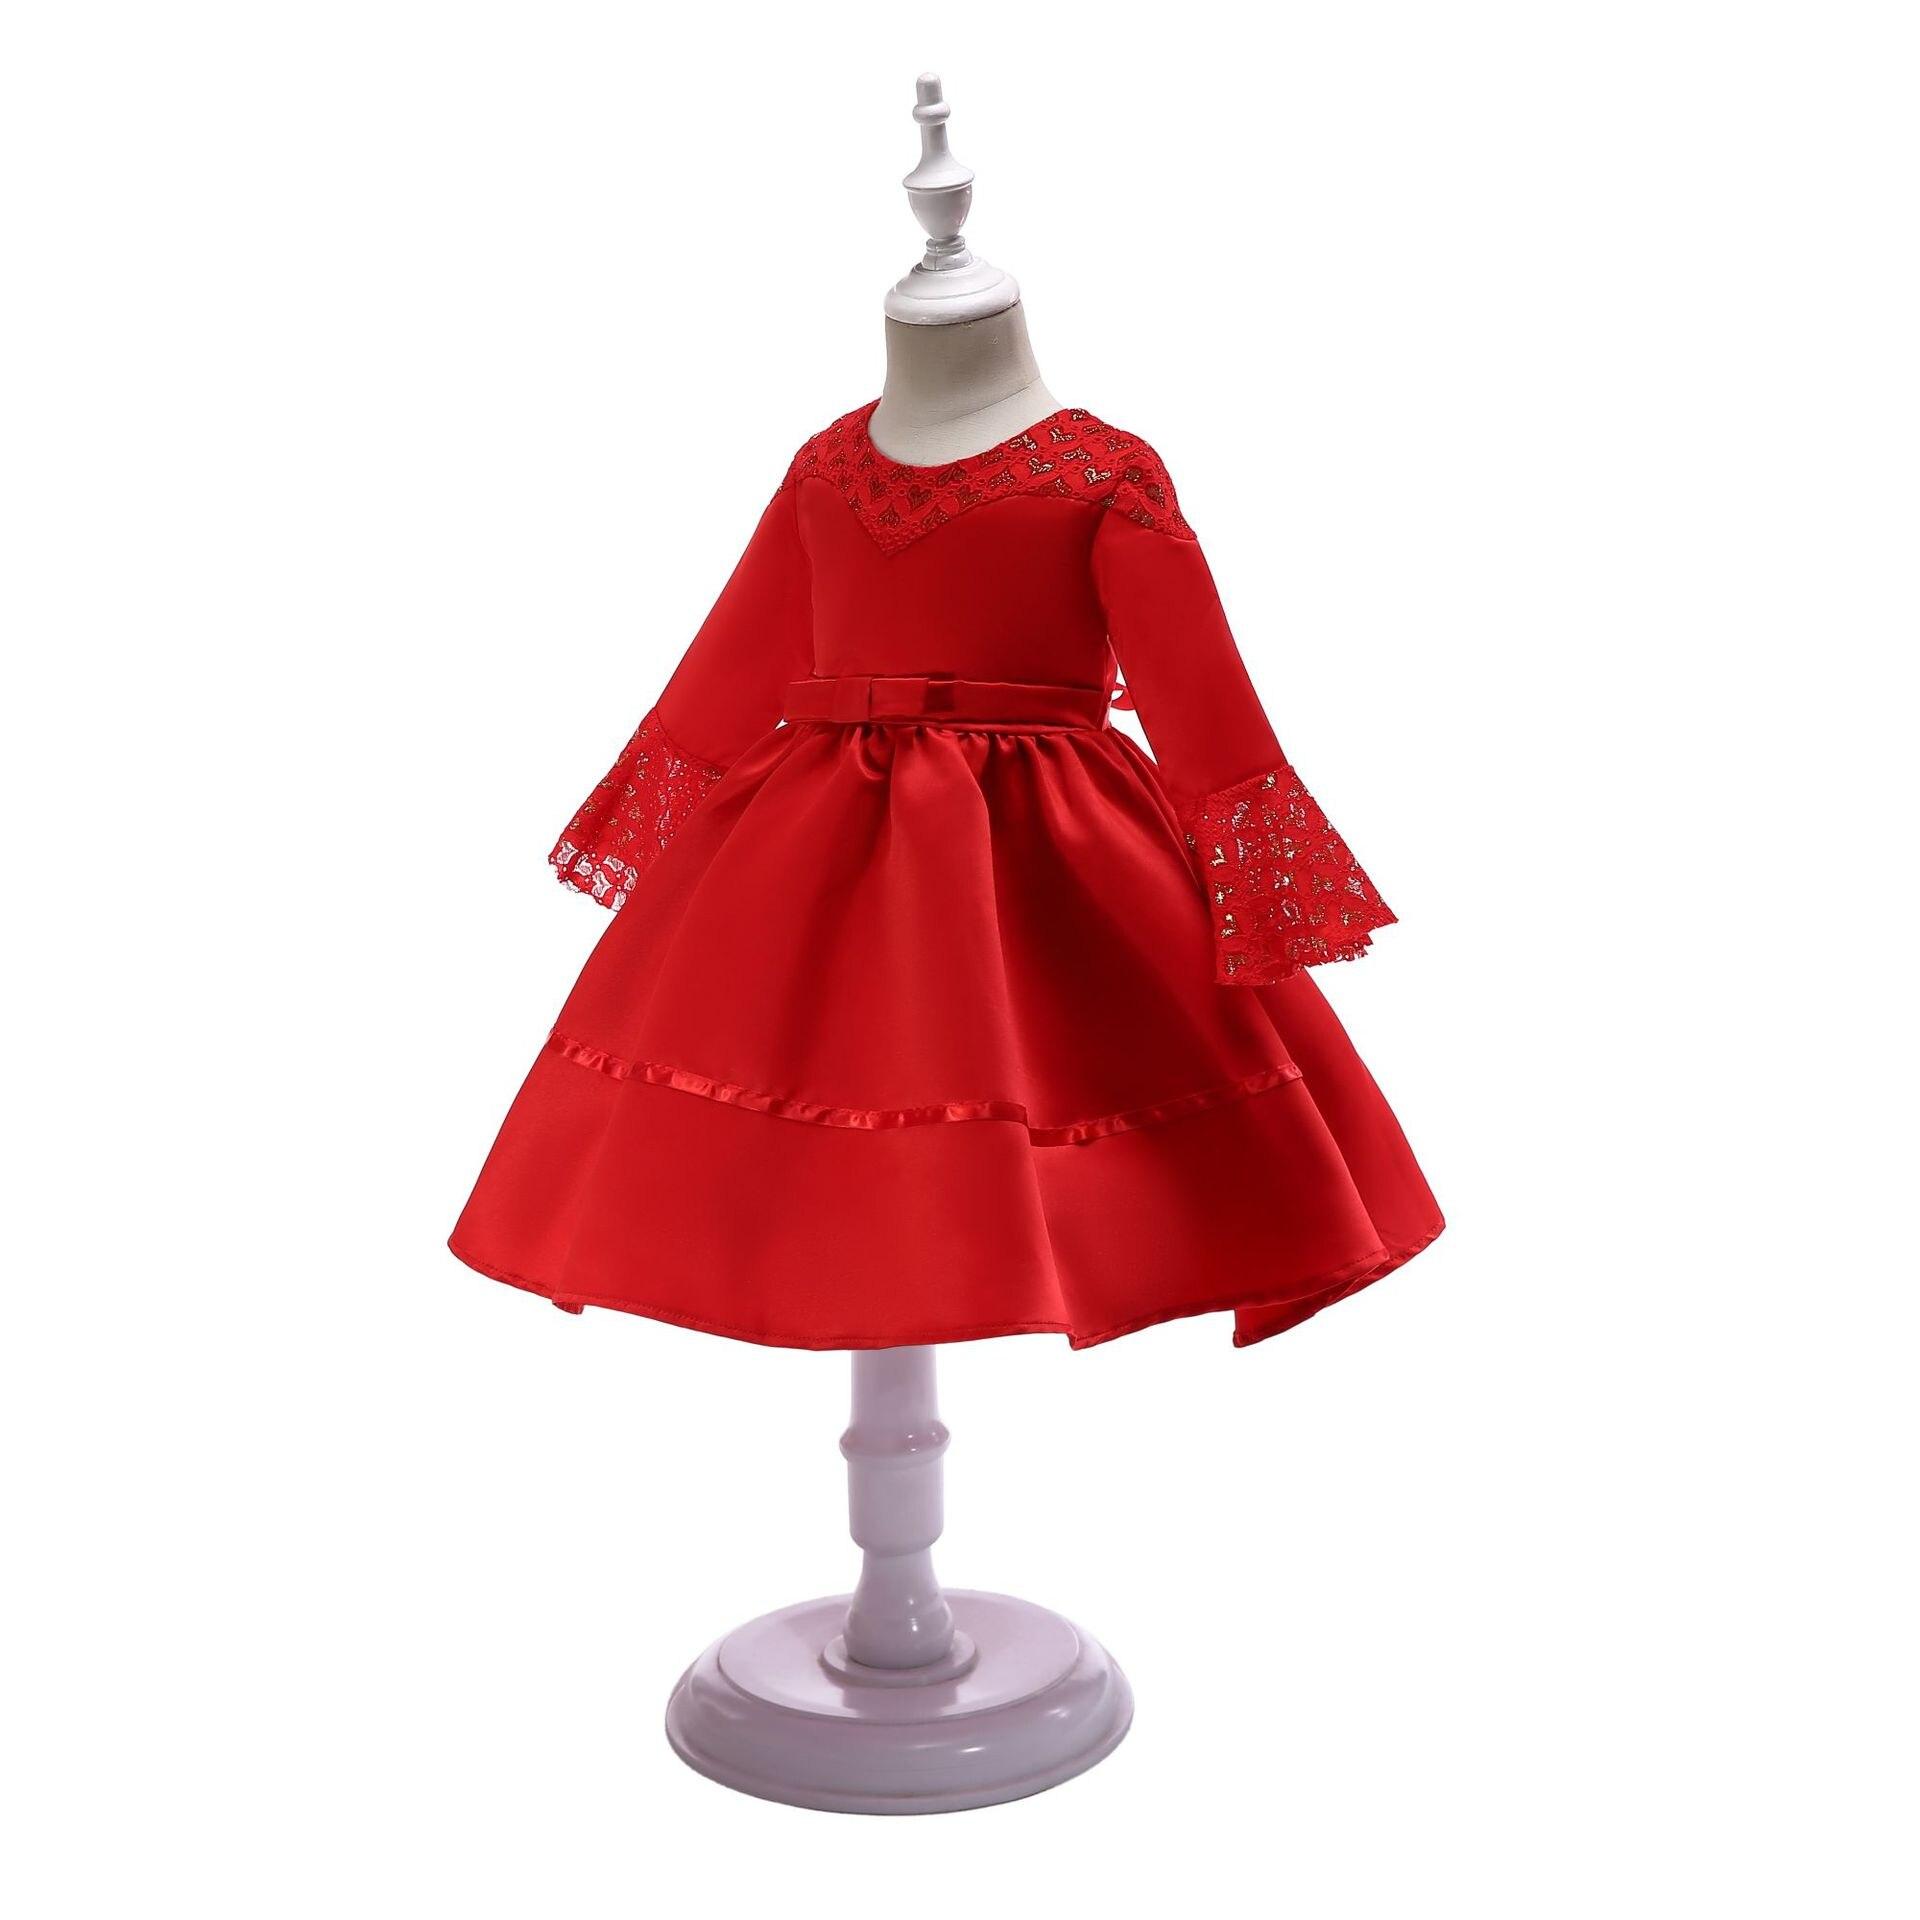 New Style Children Shirt CHILDREN'S Dress Half-sleeve Shirt Lace GIRL'S Princess Dress Women's Children Shirt